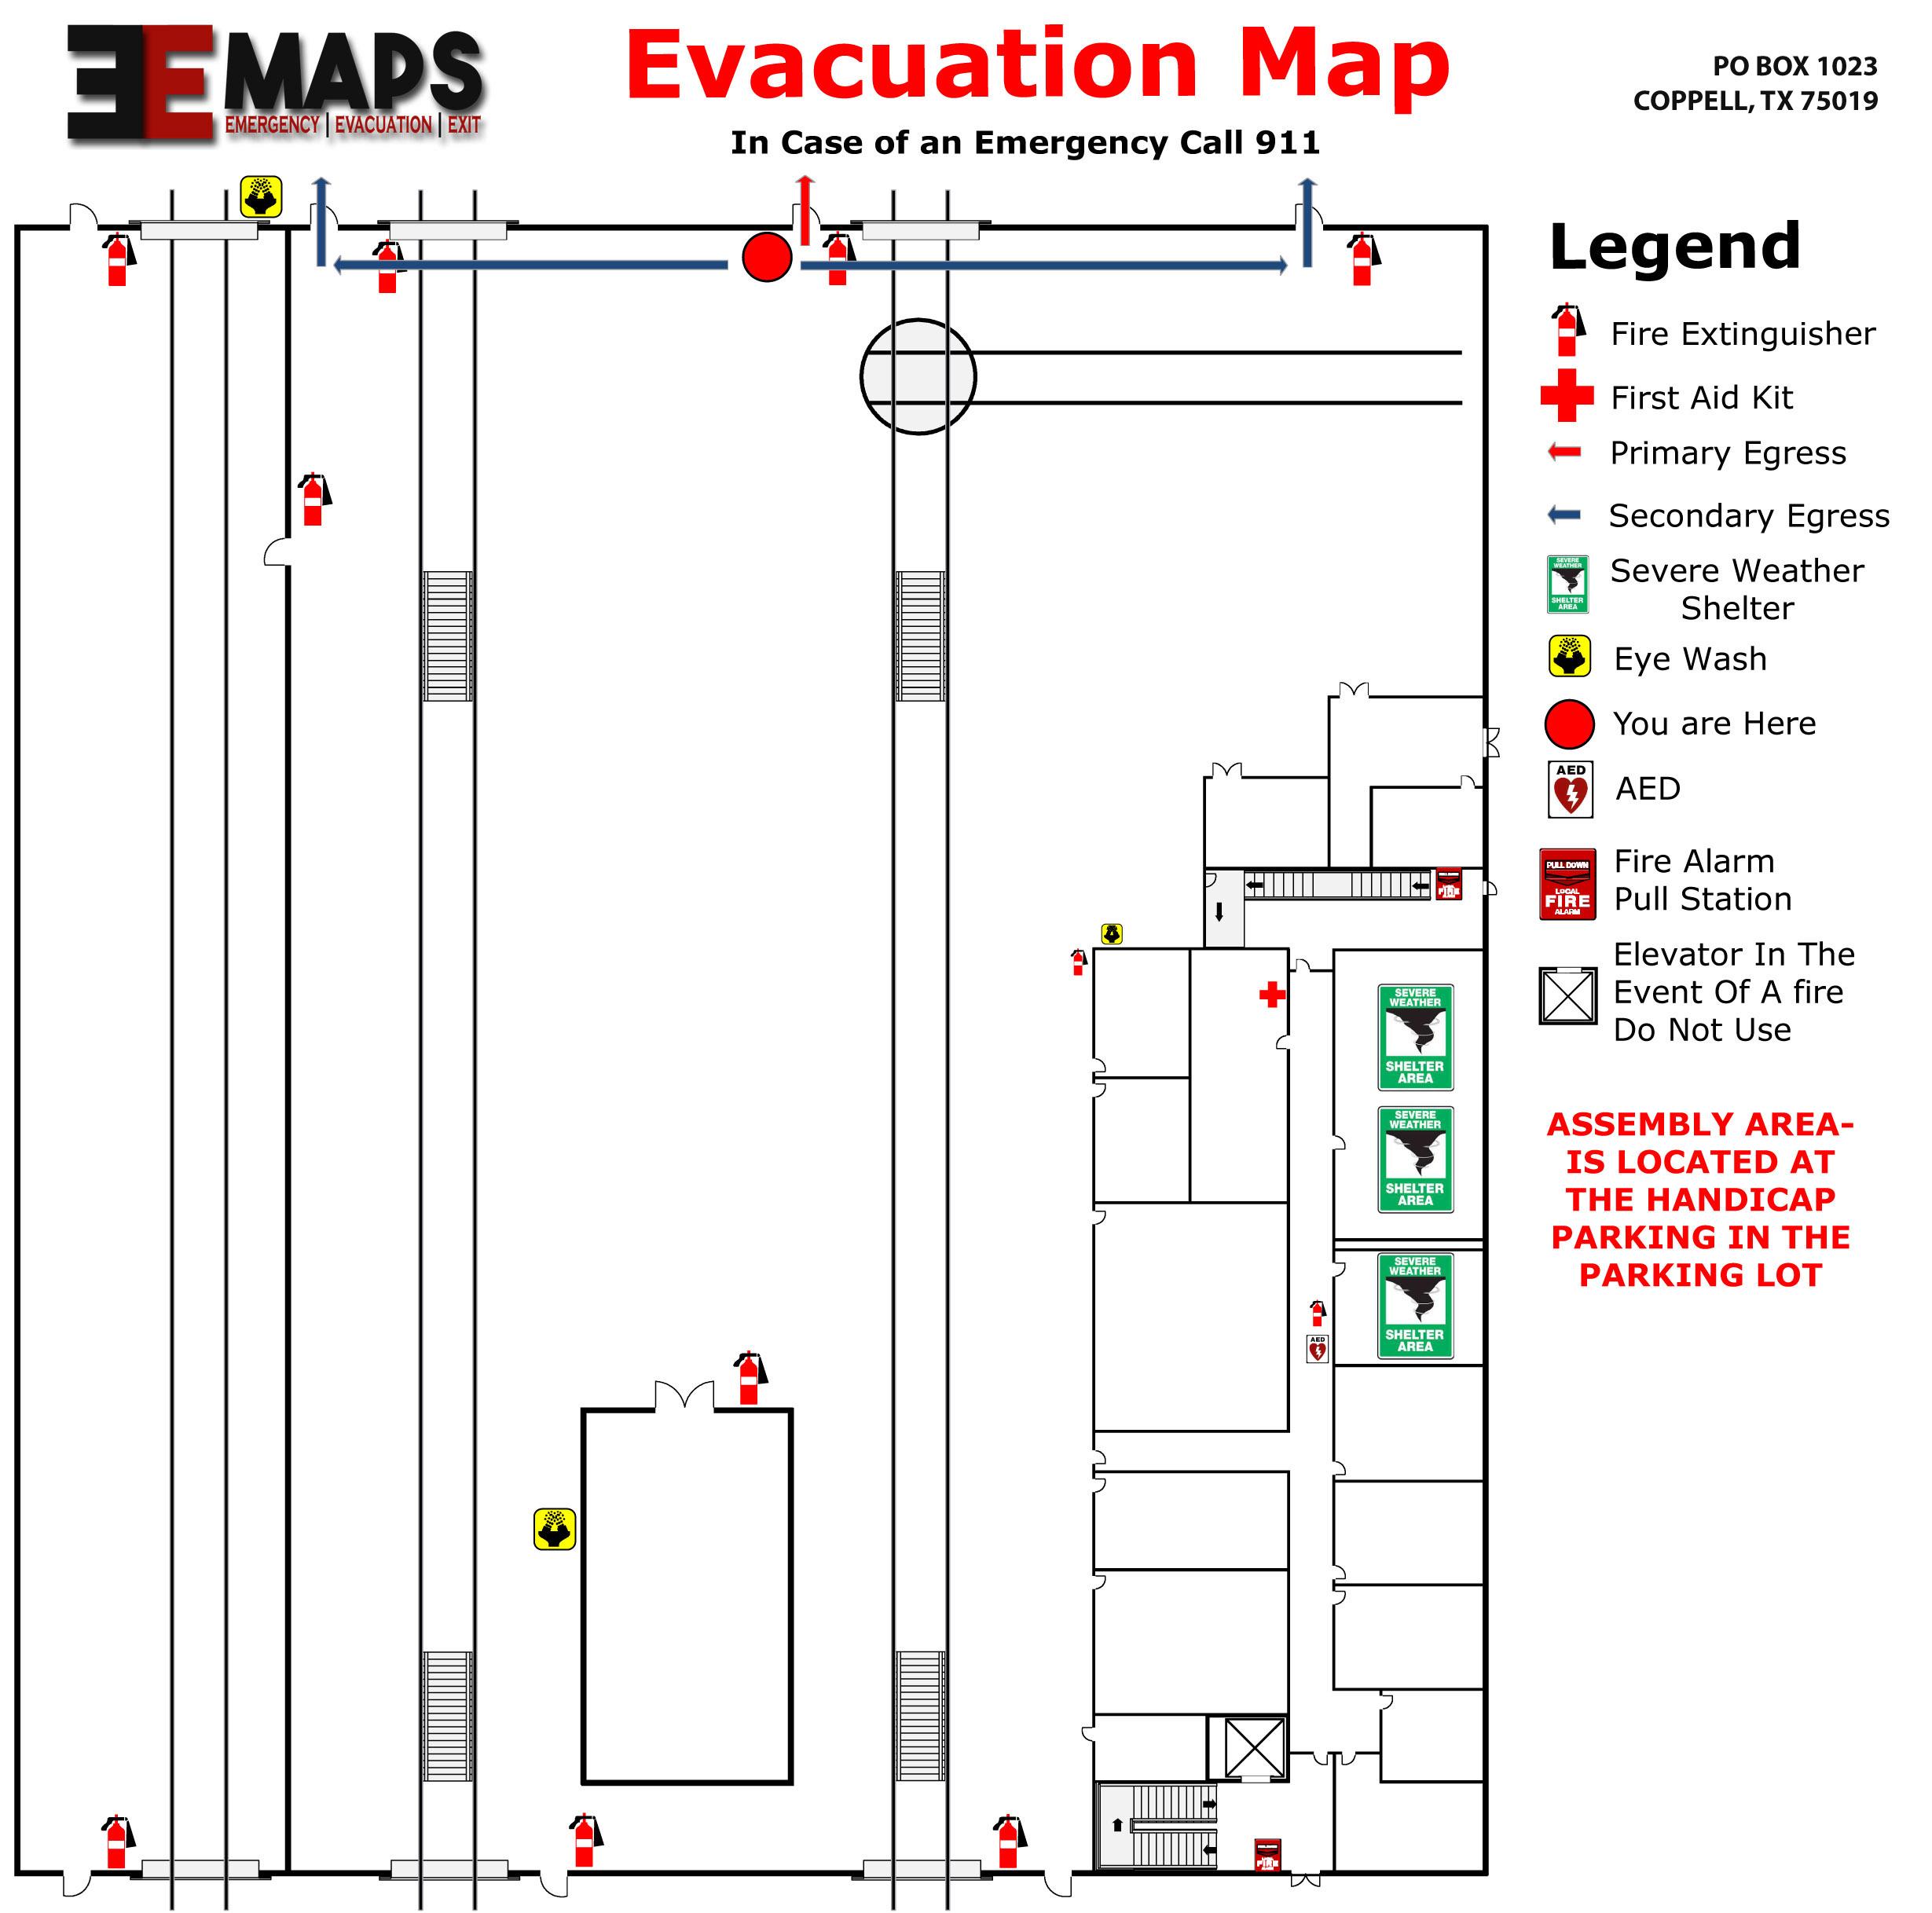 3EMAPS-13.1.jpg